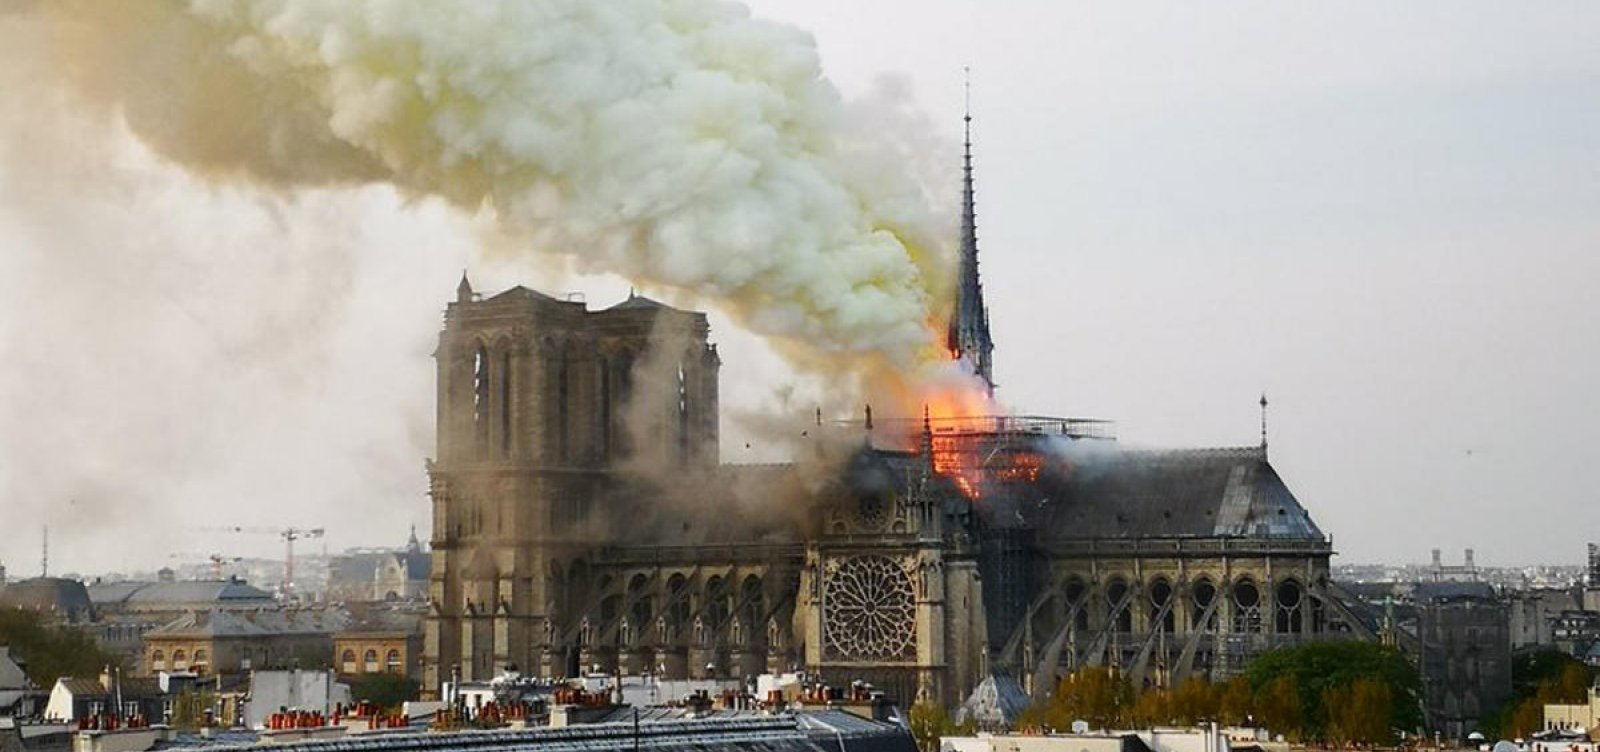 Procurador acredita que incêndio na Catedral de Notre-Dame foi 'acidente'